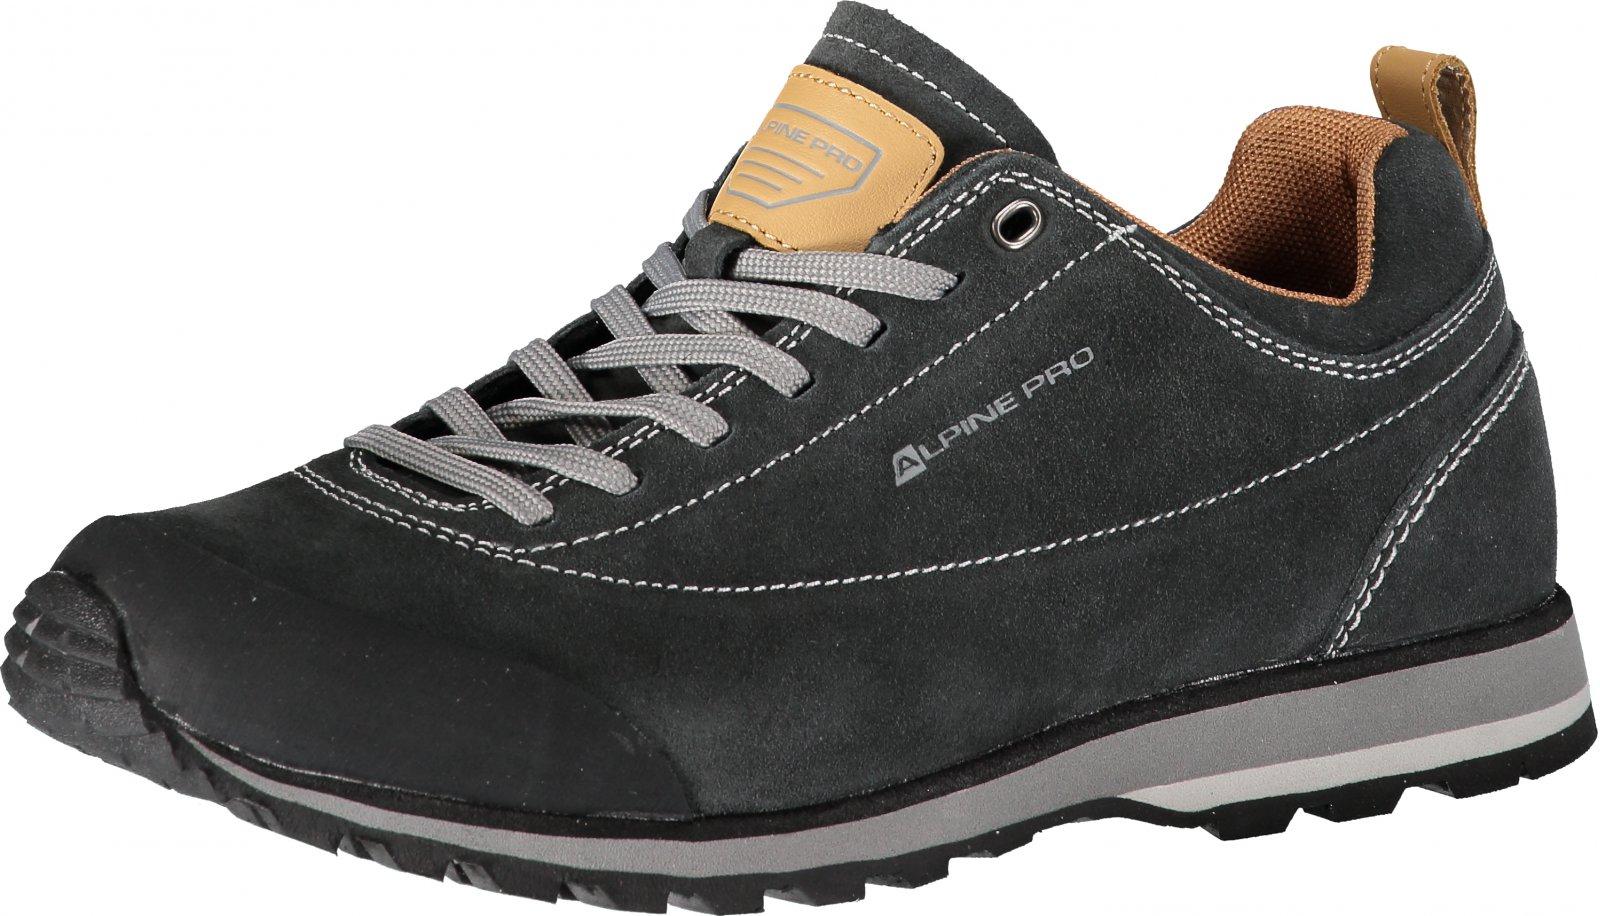 Alpine Pro Chetan tmavě šedá od 1 388 Kč • Zboží.cz 911206d8e9